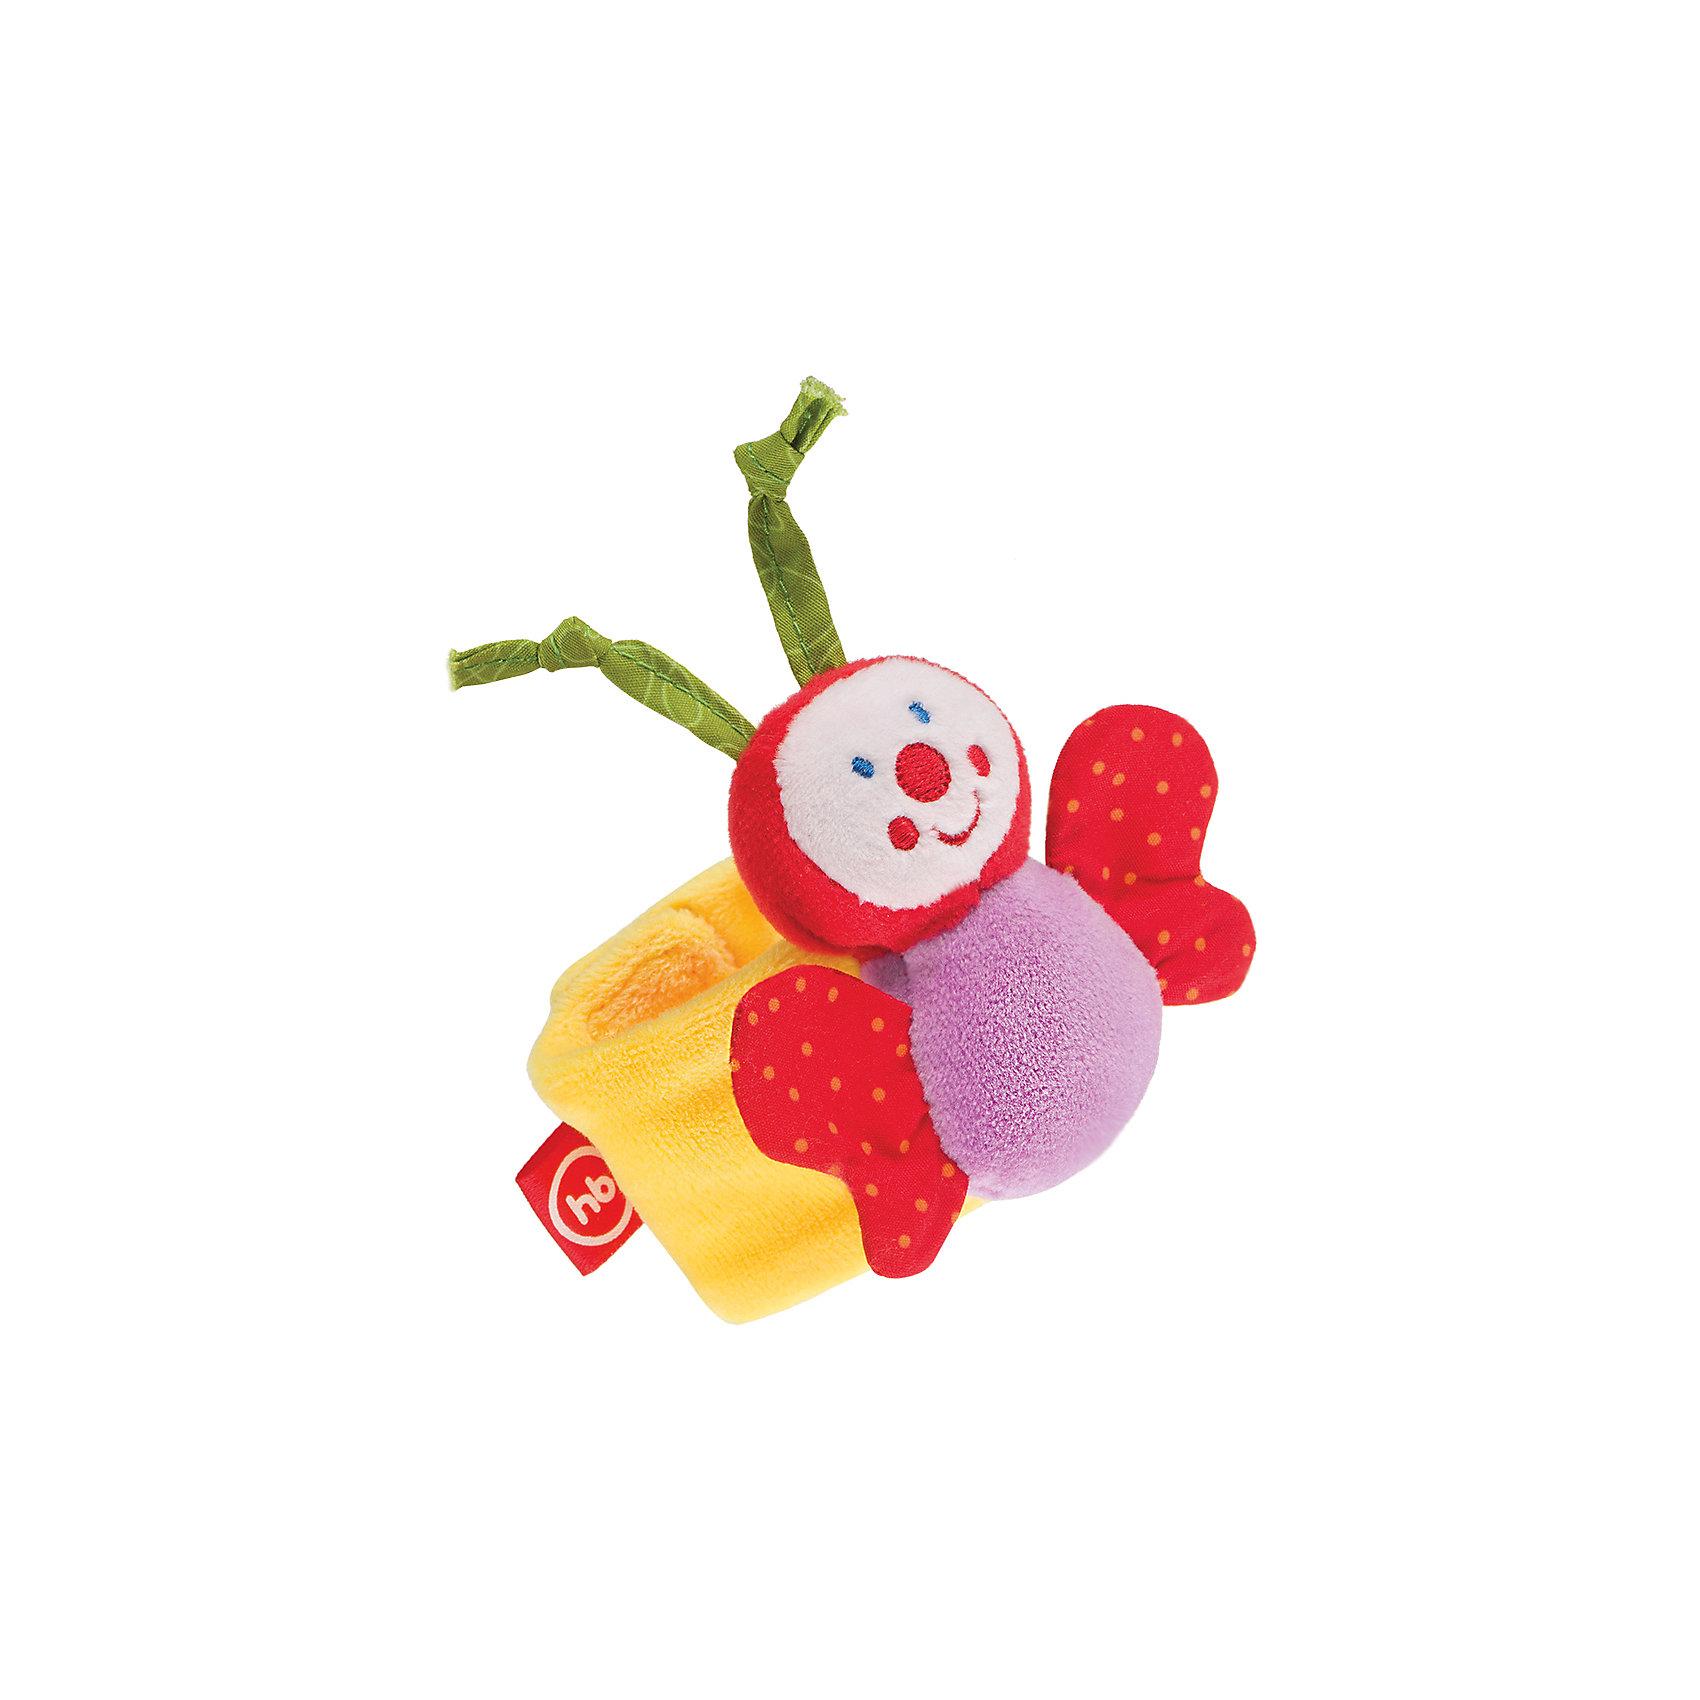 Погремушка-браслет Funny Butterfly, Happy BabyПогремушки<br>Характеристики:<br><br>• Вид игр: развивающие, обучающие<br>• Материал: полиэстер, хлопок, полимерный материал<br>• Тип крепления: липучка<br>• Наличие шумовых эффектов<br>• Универсальный размер<br>• Вес: 44 г<br>• Параметры (Д*Ш*В): 2,5*12*20 см <br>• Особенности ухода: влажная и сухая чистка<br><br>Погремушка-браслет Funny Butterfly, Happy Baby выполнена в виде яркой бабочки, расположенной на широком текстильном браслете. Фиксируется браслет при помощи липучки.   У бабочки яркие детали и шуршащие крылышки. Игры с такой   игрушкой будут способствовать зрительному и слуховому восприятию, координации движений, будут развивать мелкую моторику рук и эмоциональную сферу ребенка.   <br><br>Погремушку-браслет Funny Butterfly, Happy Baby можно купить в нашем интернет-магазине.<br><br>Ширина мм: 25<br>Глубина мм: 120<br>Высота мм: 200<br>Вес г: 44<br>Возраст от месяцев: 3<br>Возраст до месяцев: 18<br>Пол: Унисекс<br>Возраст: Детский<br>SKU: 5621702